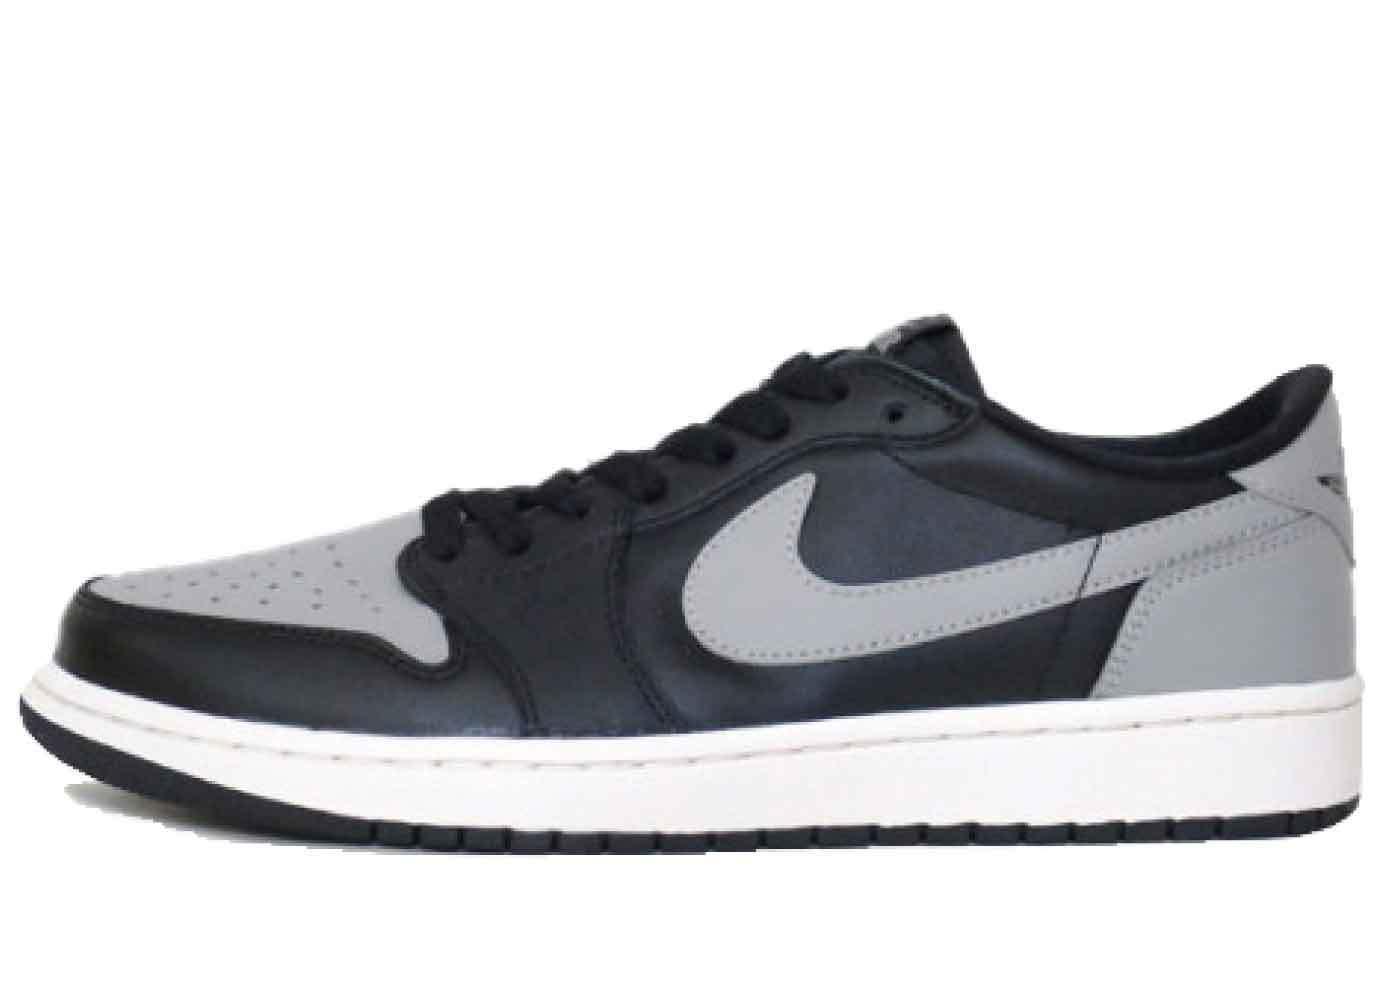 Nike Air Jordan 1 Retro Low Black Grey (2015)の写真